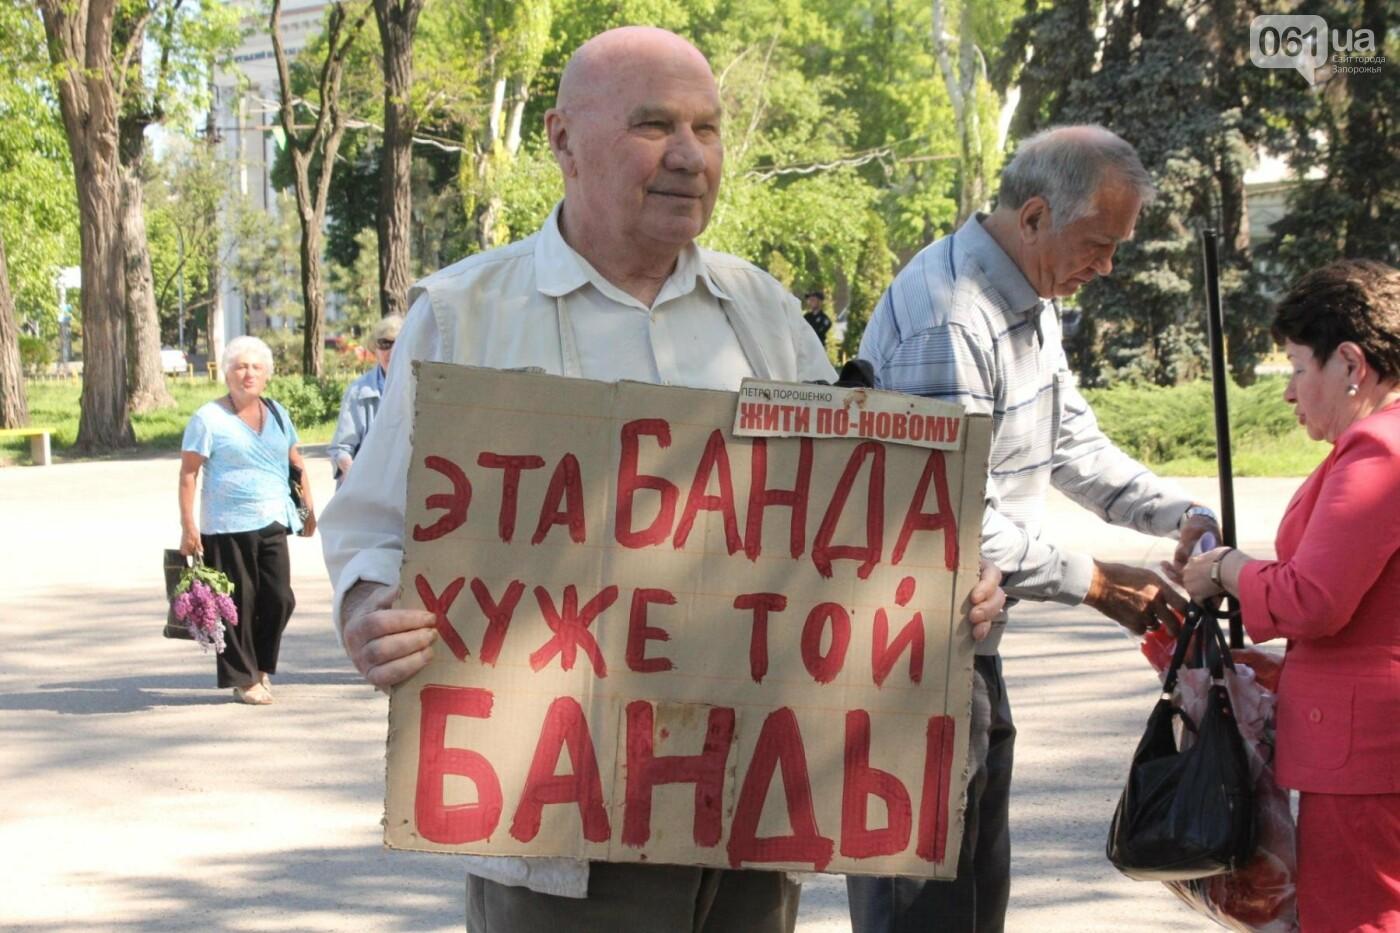 Запорожские коммунисты с красными флагами провели митинг к 1 мая: к «вечному огню» на Свободы пришли полсотни людей, – ФОТОРЕПОРТАЖ, фото-7